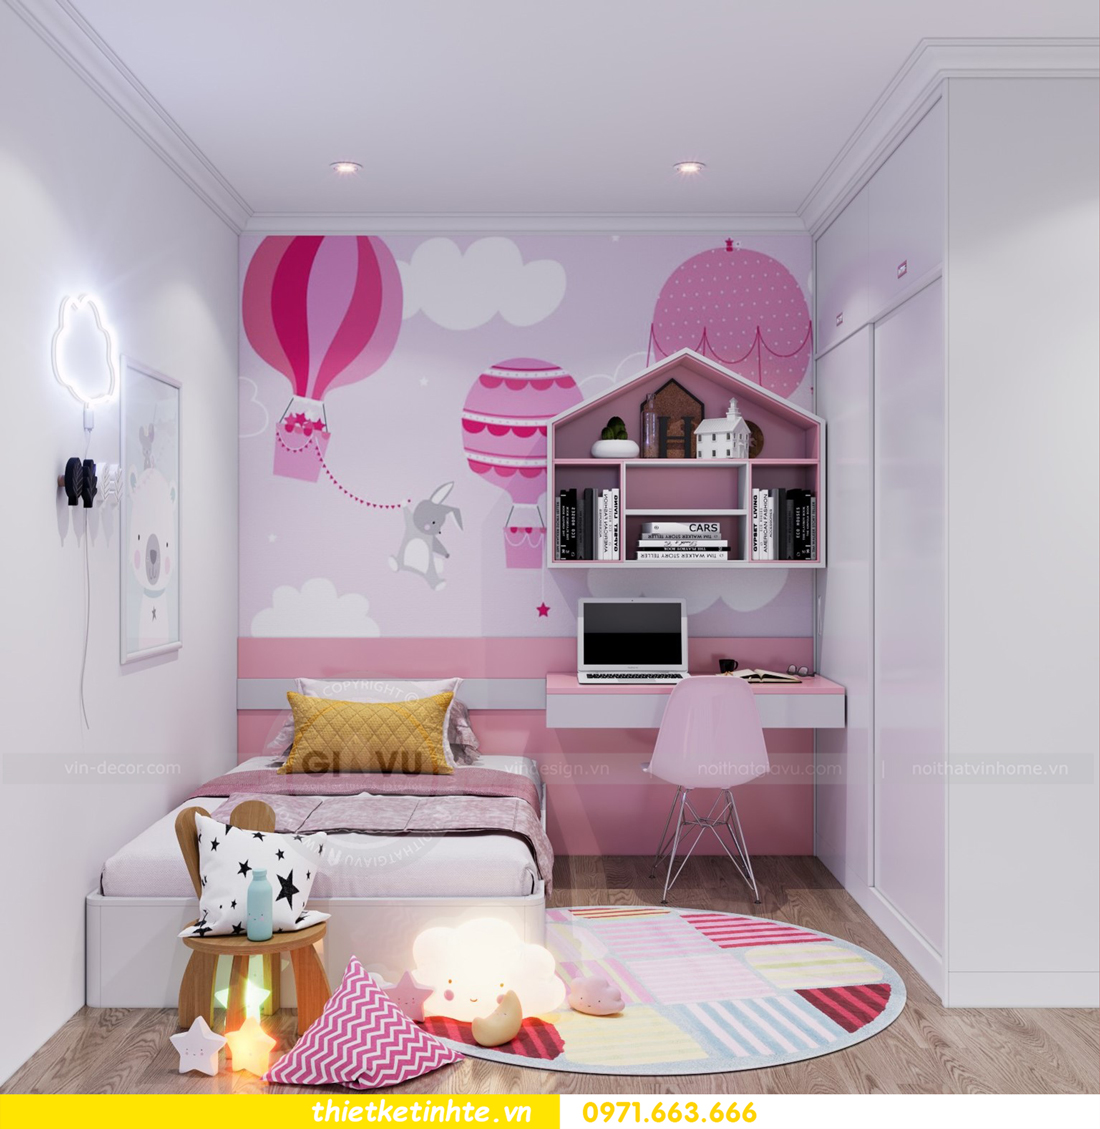 thiết kế nội thất căn hộ Vinhomes Park Hill 8 căn hộ 02 nhà chị Vân 10